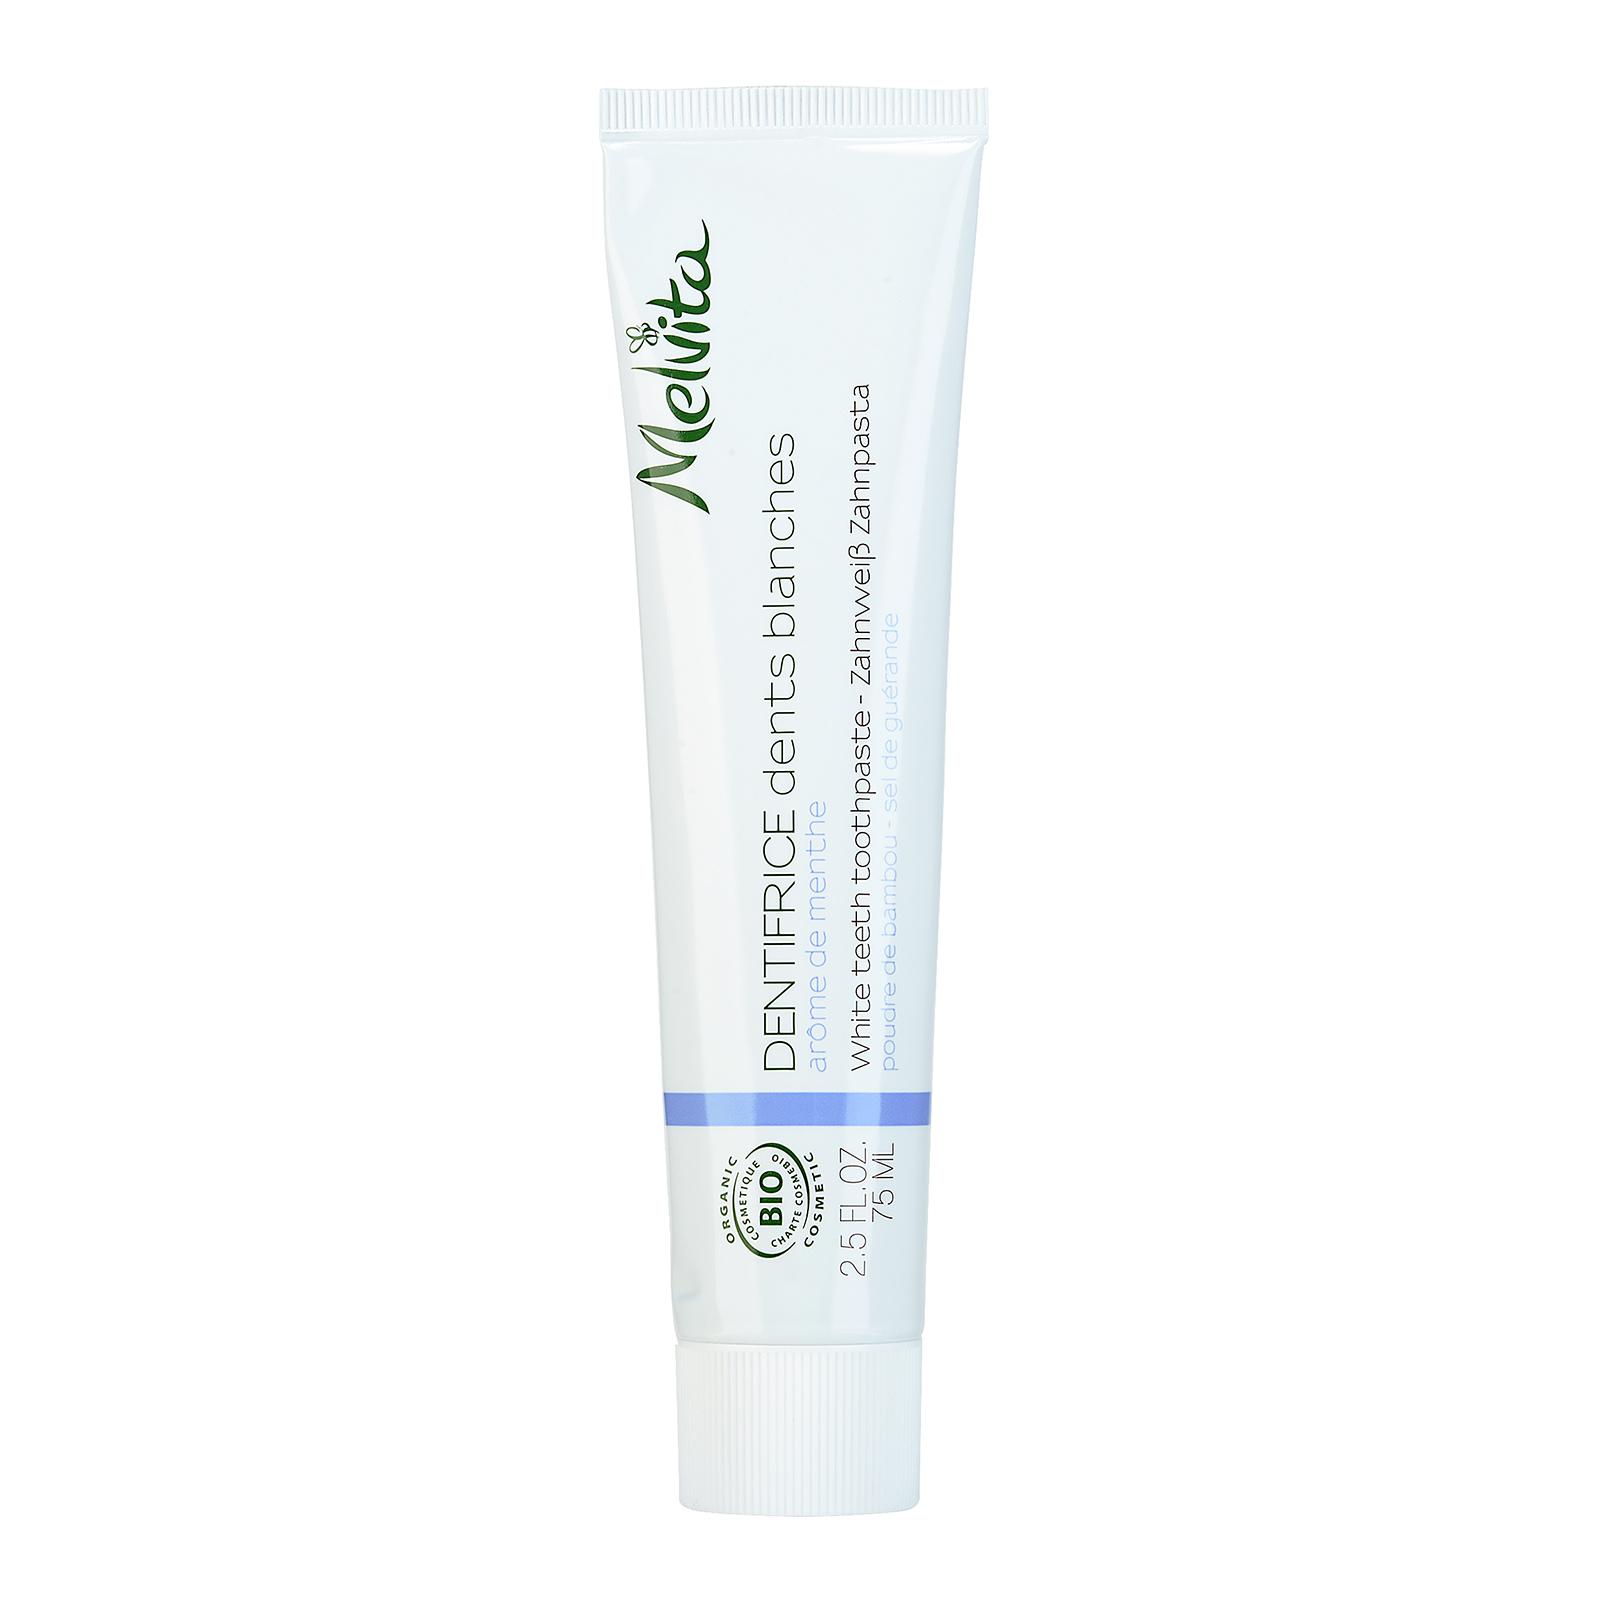 Melvita  White Teeth Toothpaste  2.5oz, 75ml